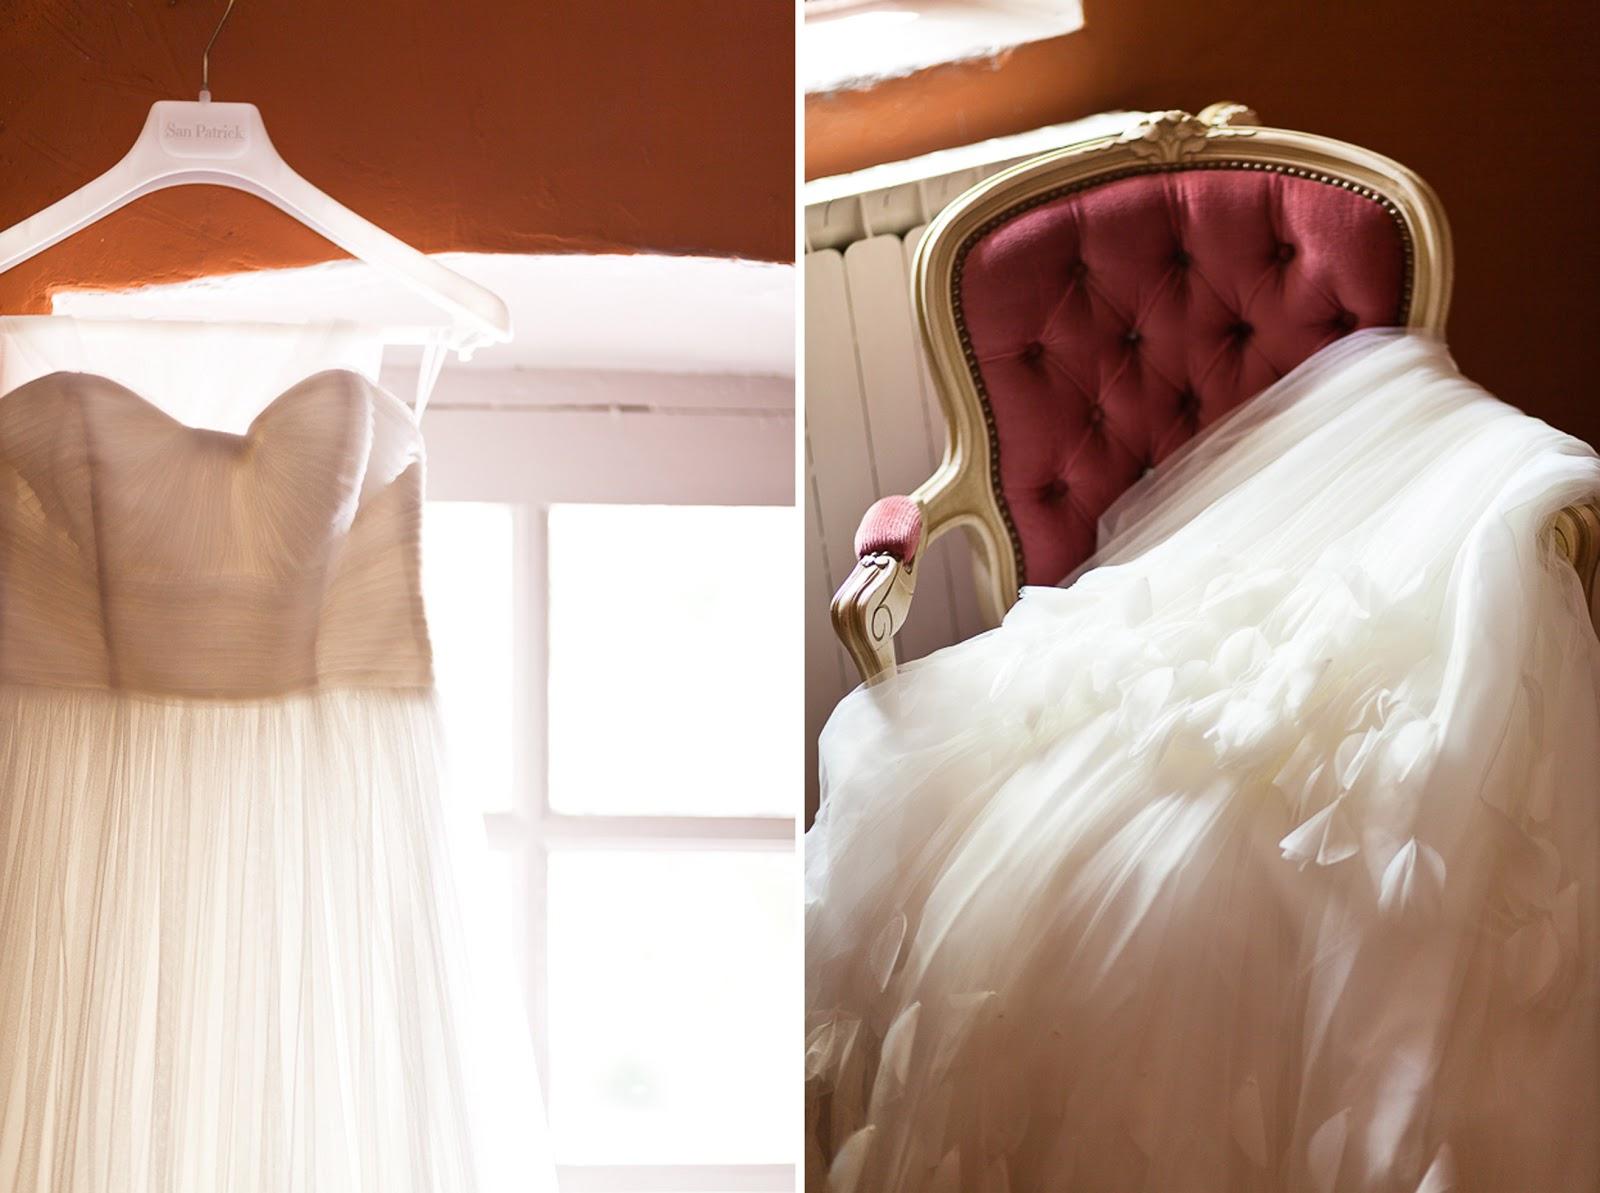 Les Moineaux De La Mariée les moineaux de la mariée: ♥ emilie & pierre (fr) ♥ - vrai